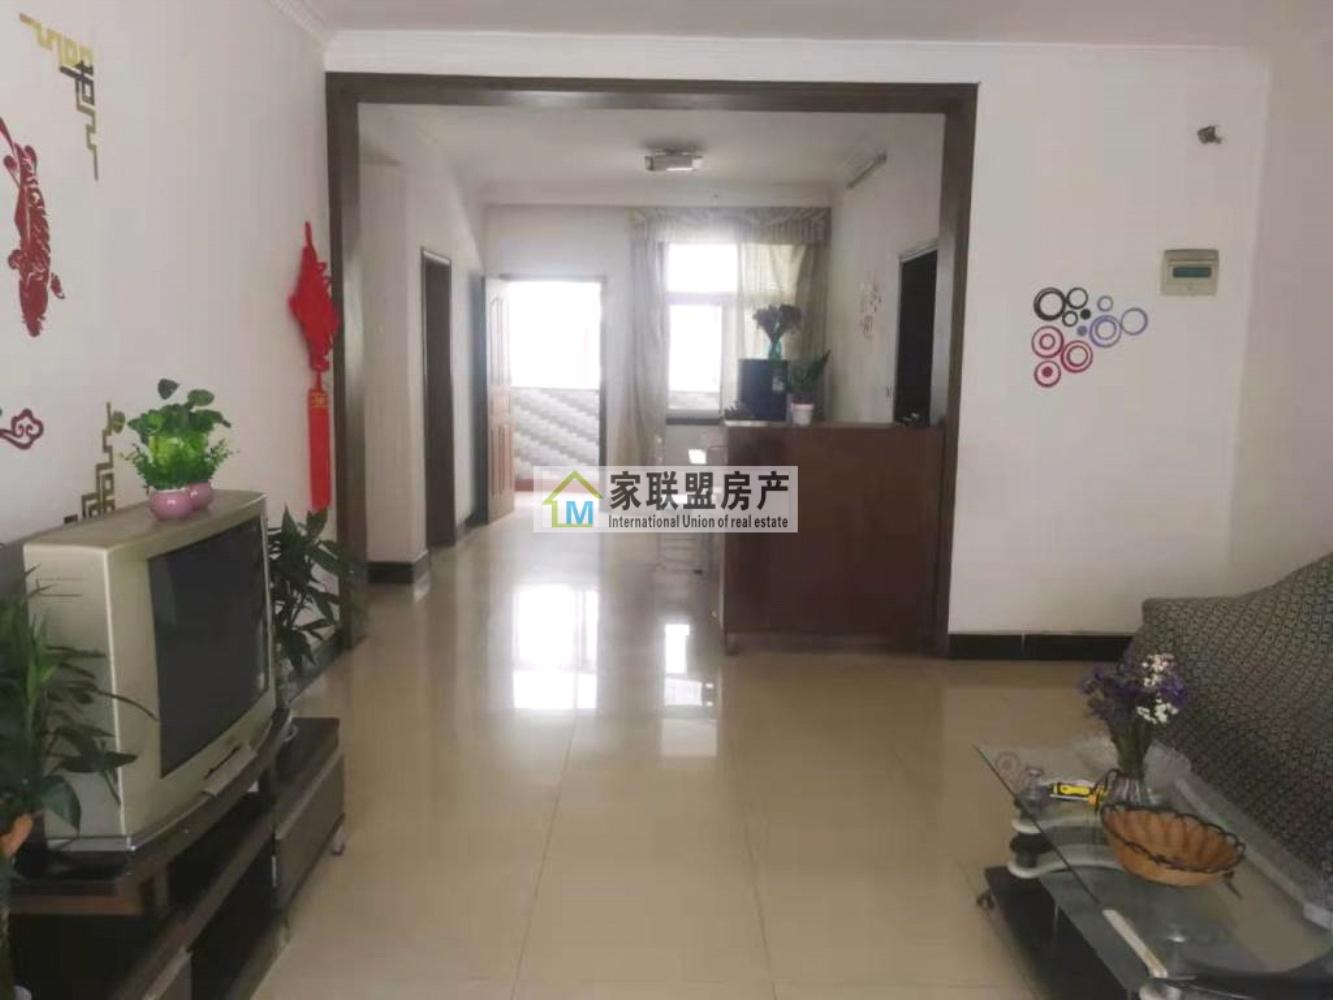 錦繡花園步梯2樓,精裝2室2廳2衛32萬元